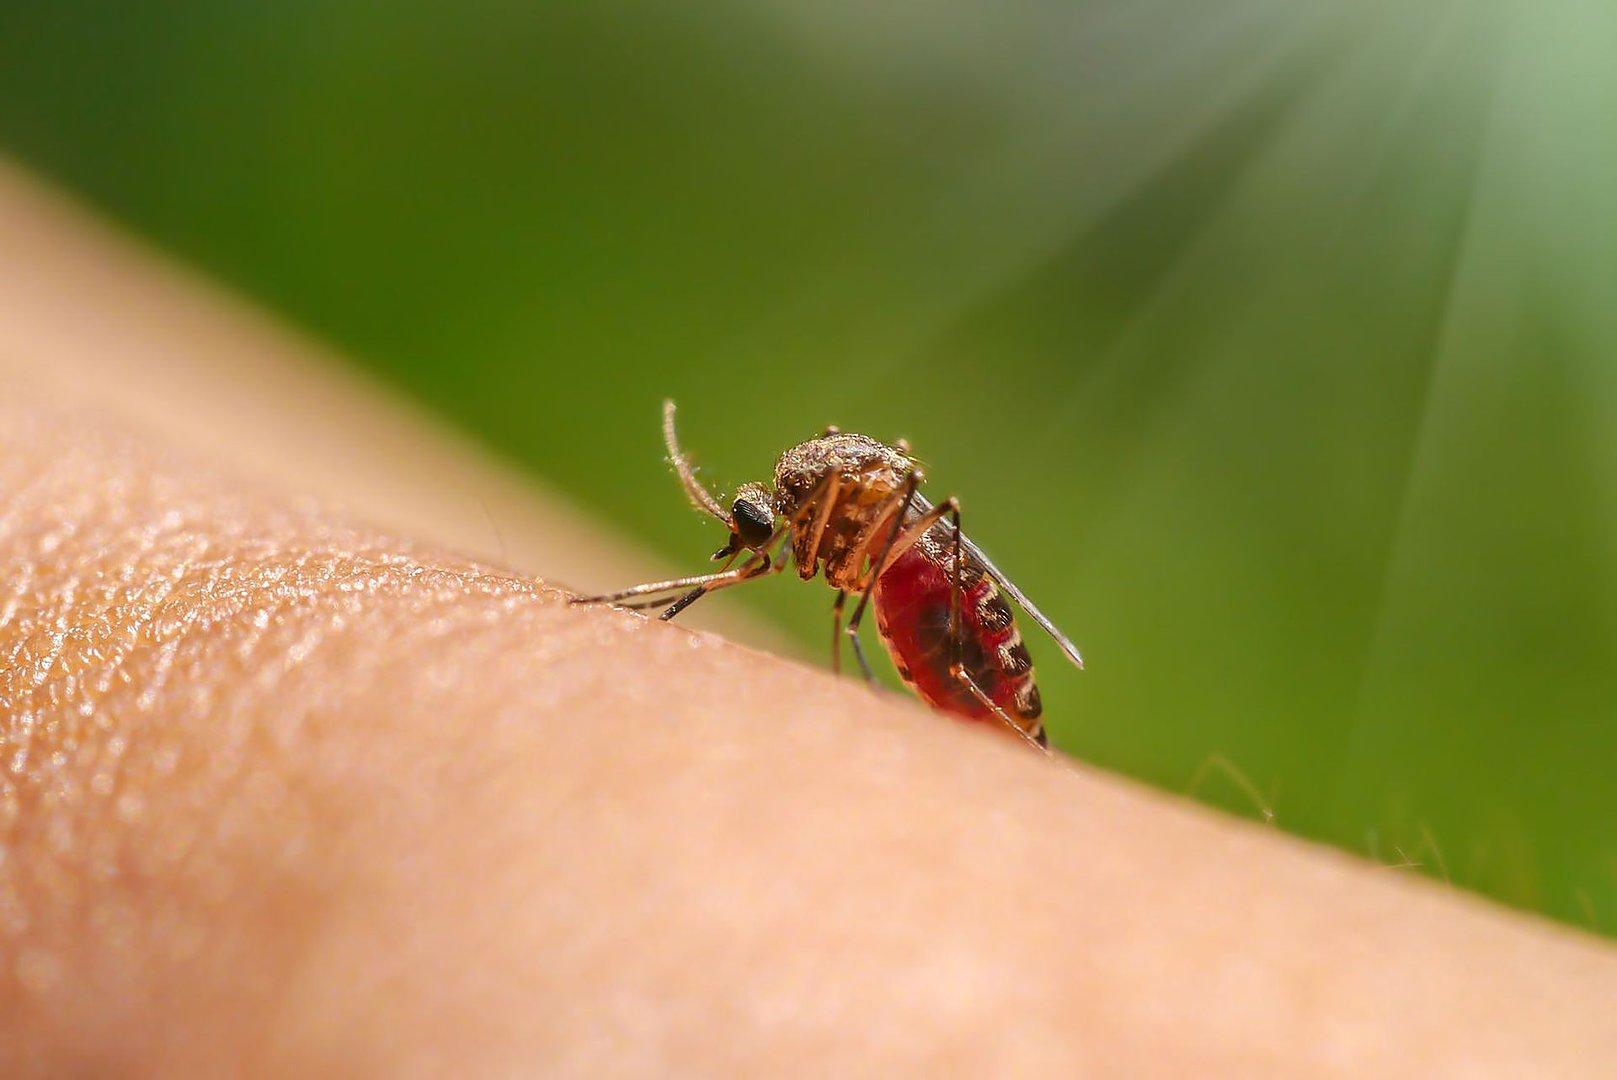 сосущие кровь человека насекомые